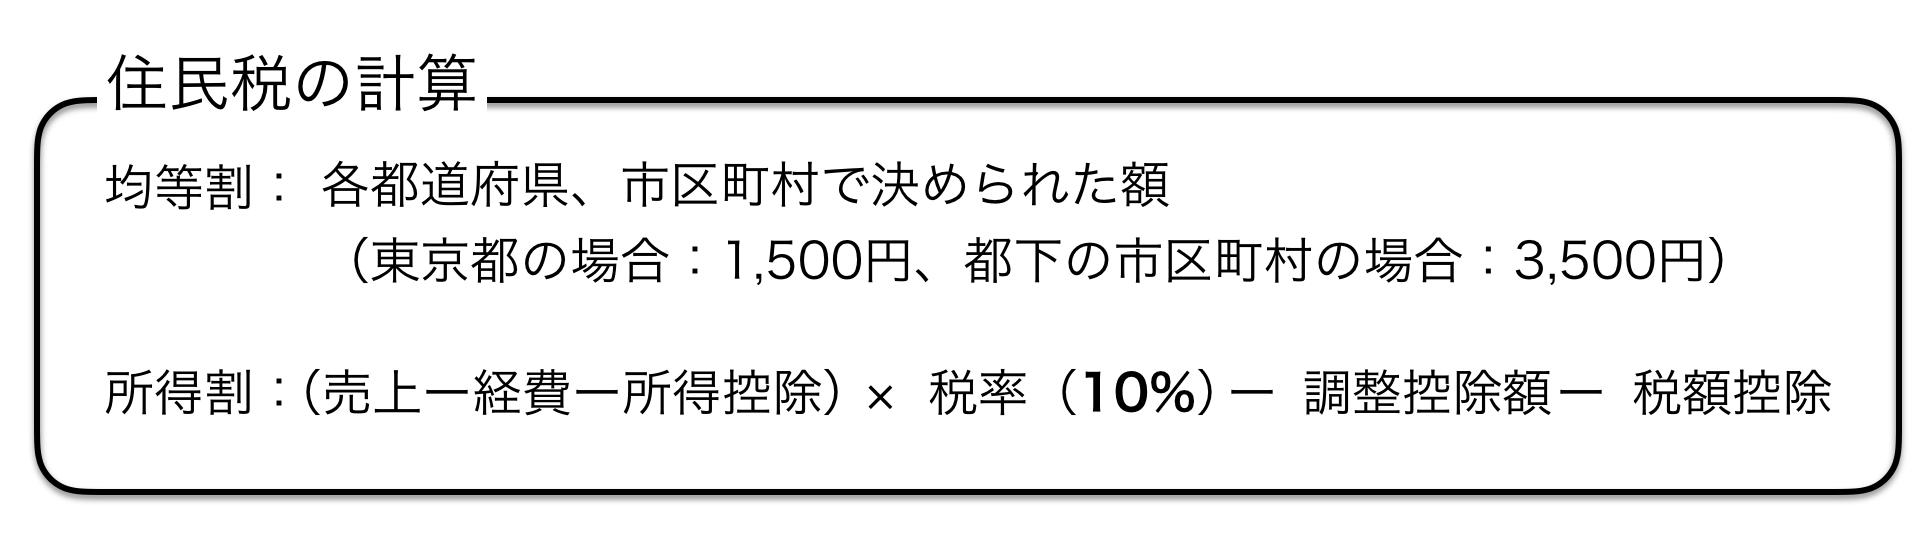 スクリーンショット 2016 10 07 15 47 45